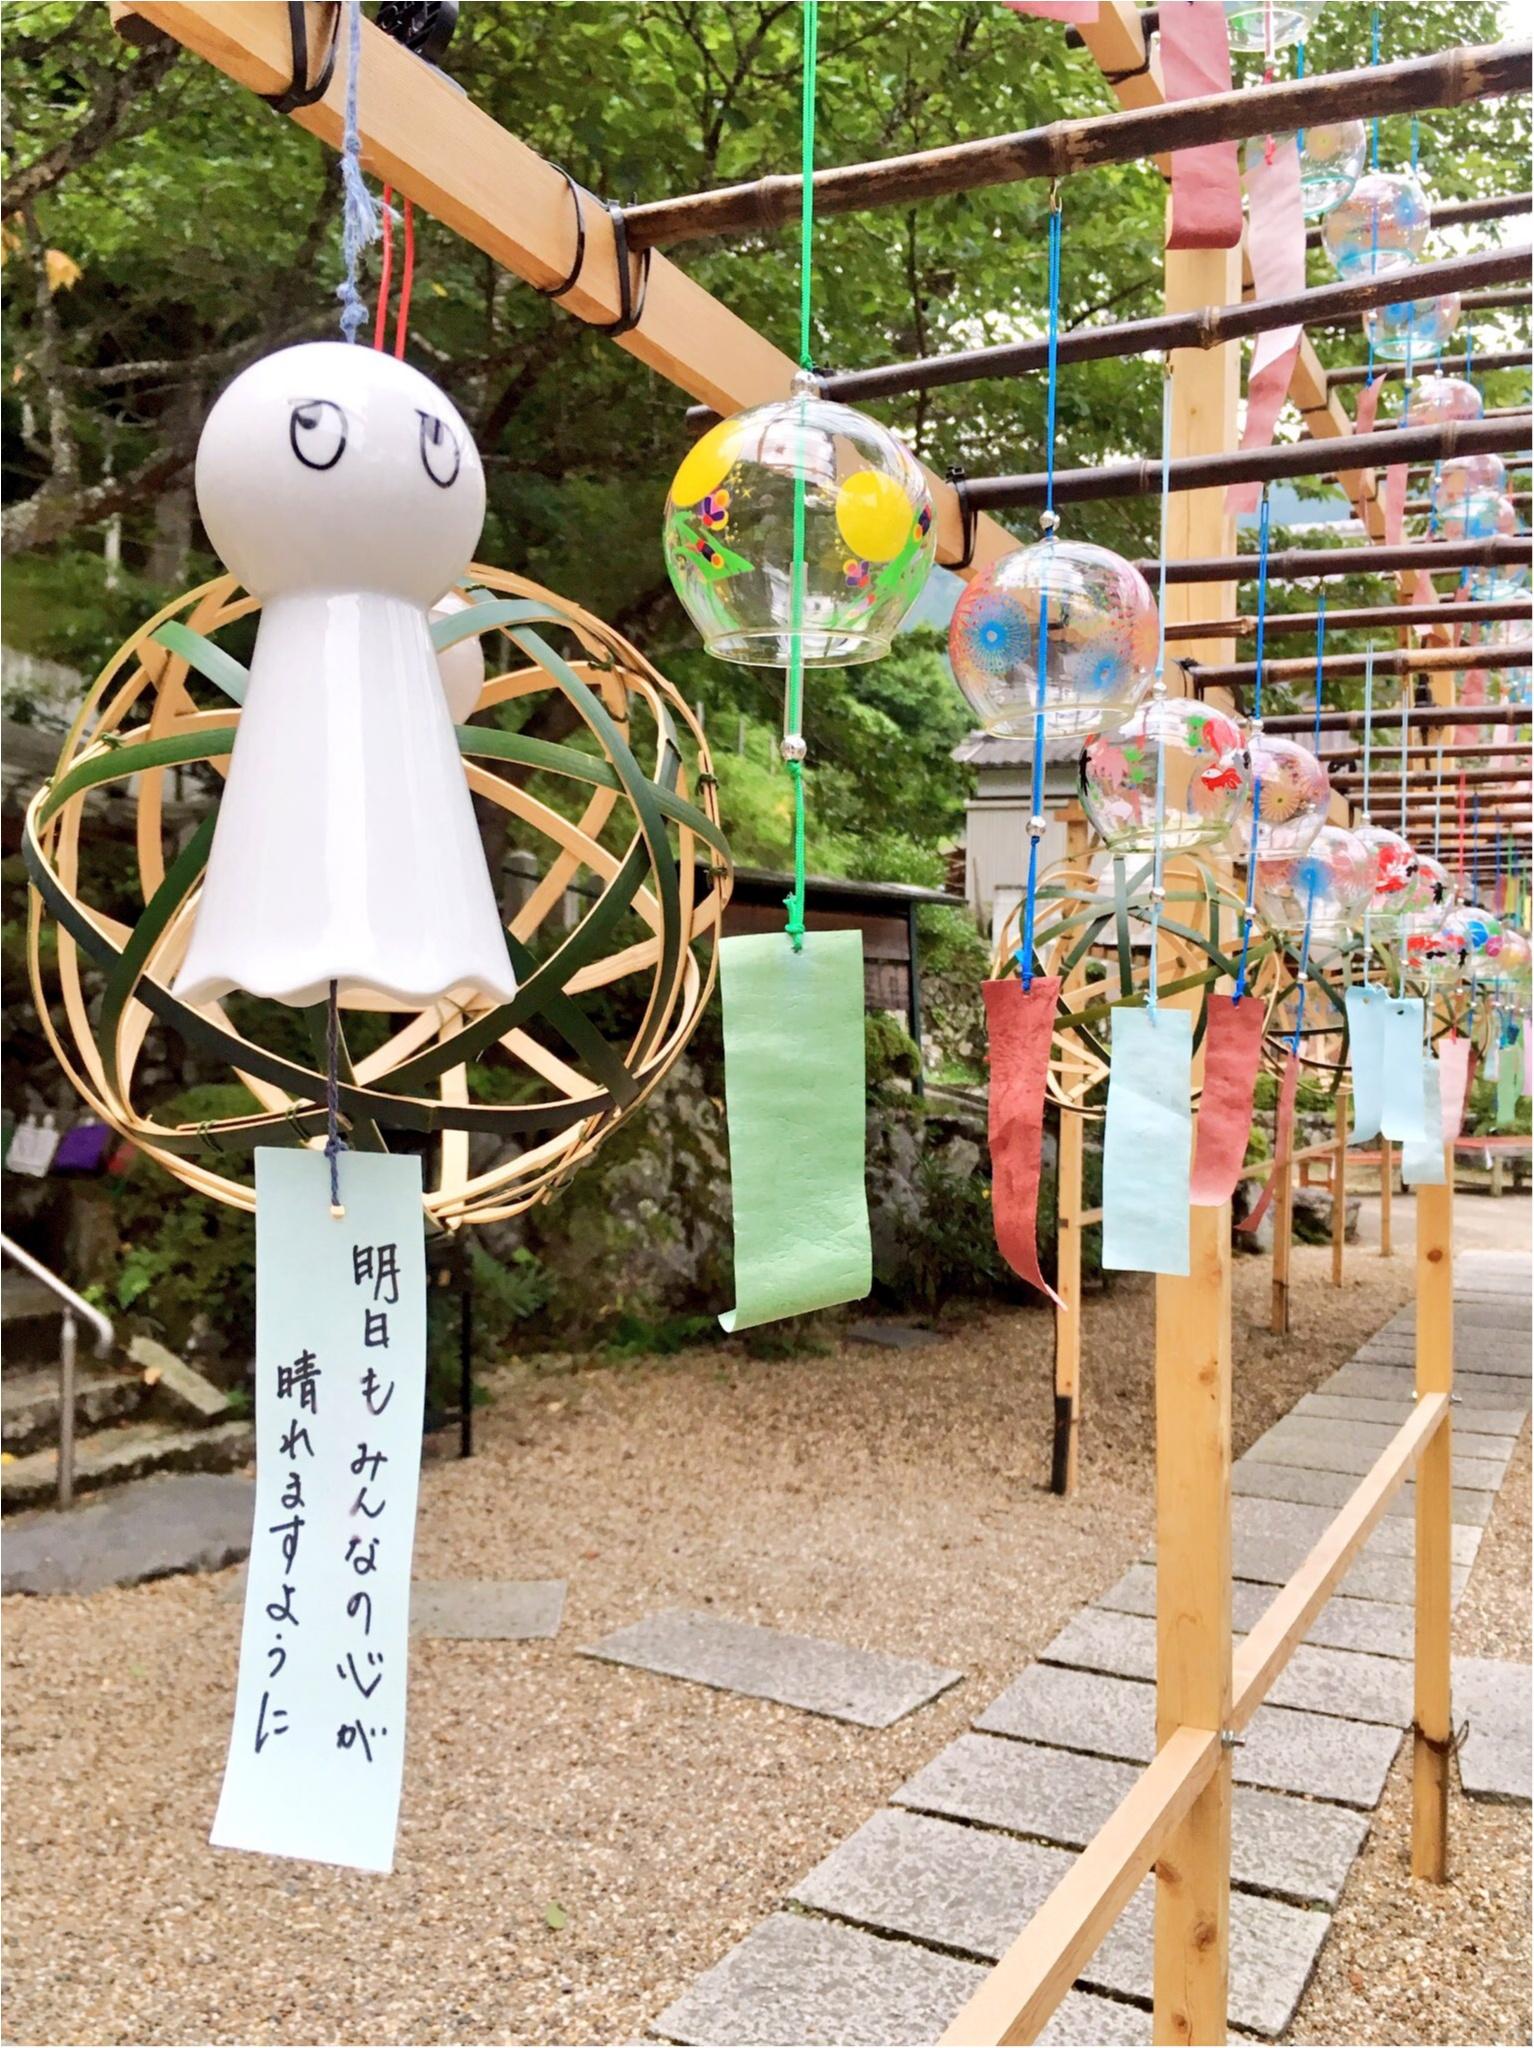 【フォトジェニックすぎる寺院】京都『正寿院』の魅力を紹介しちゃいます♡_10